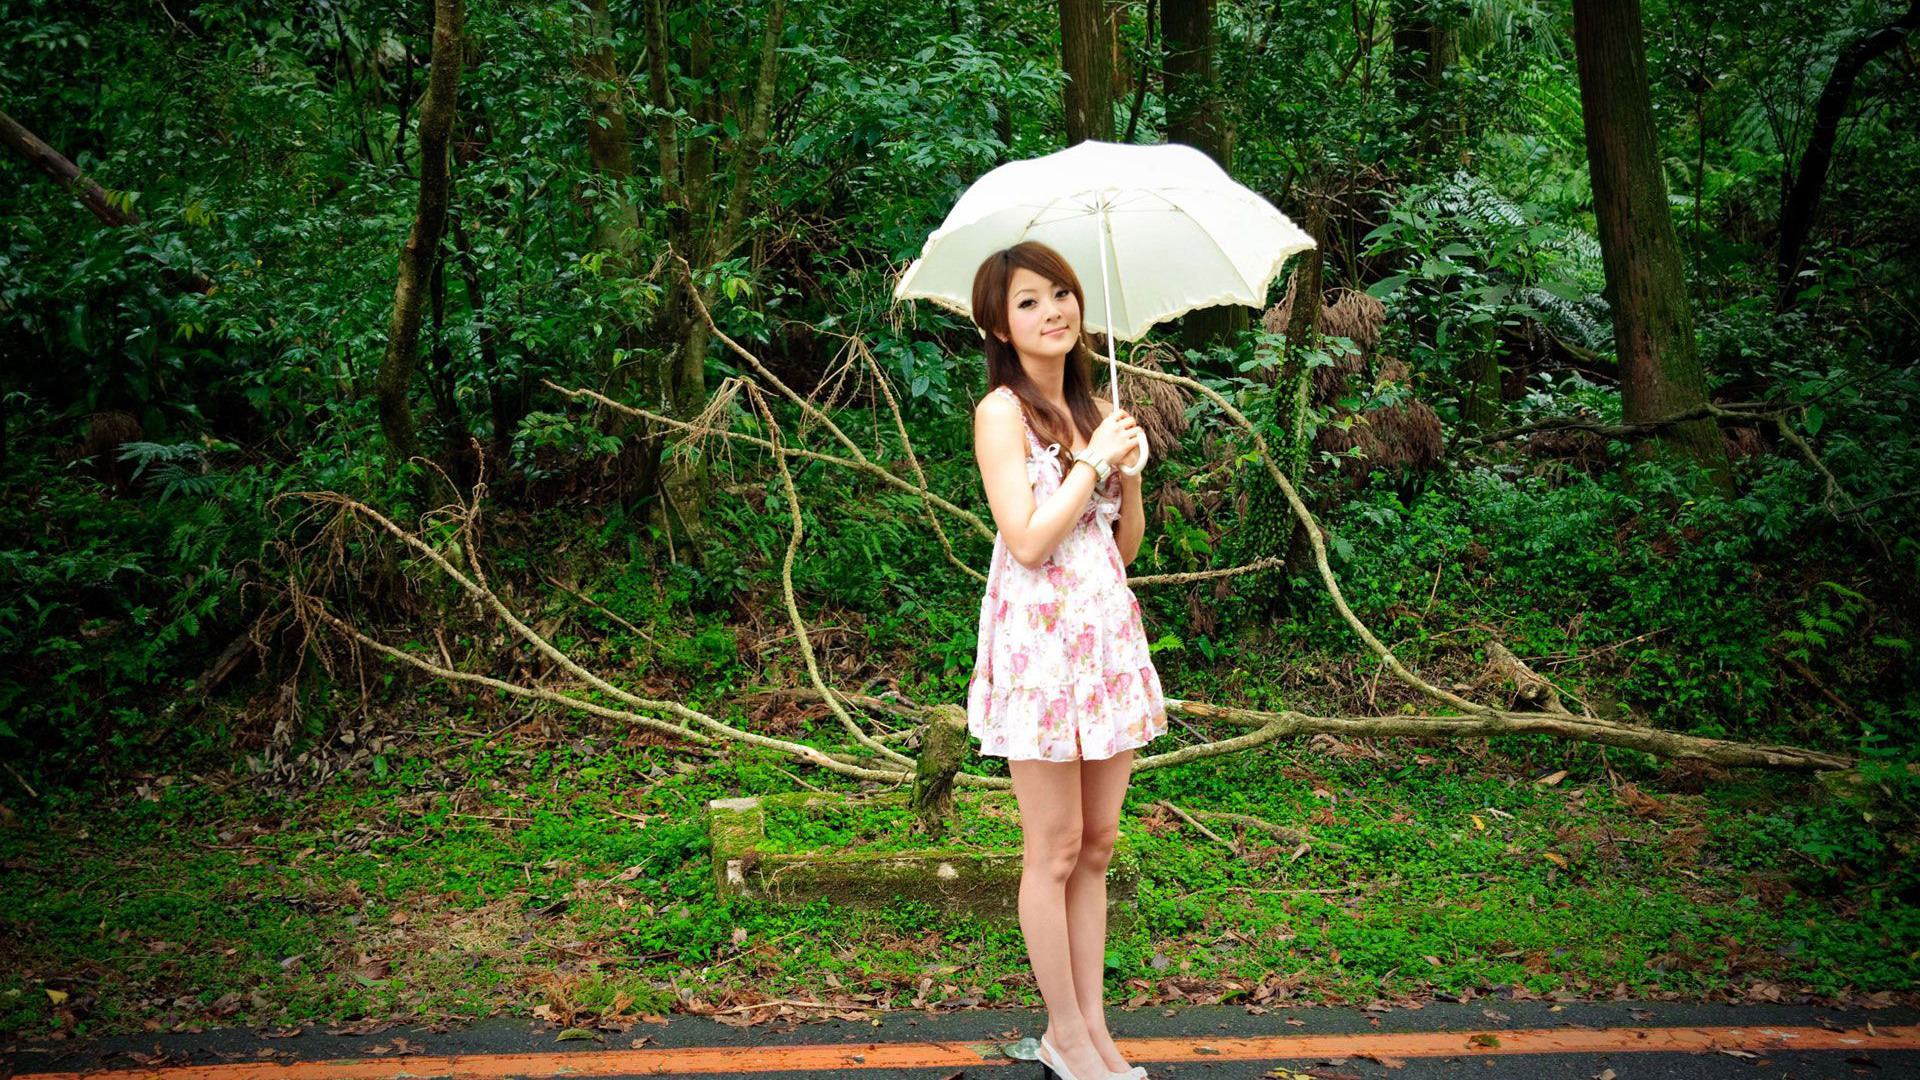 Mikako Zhang Wallpaper 6844481 1920x1080